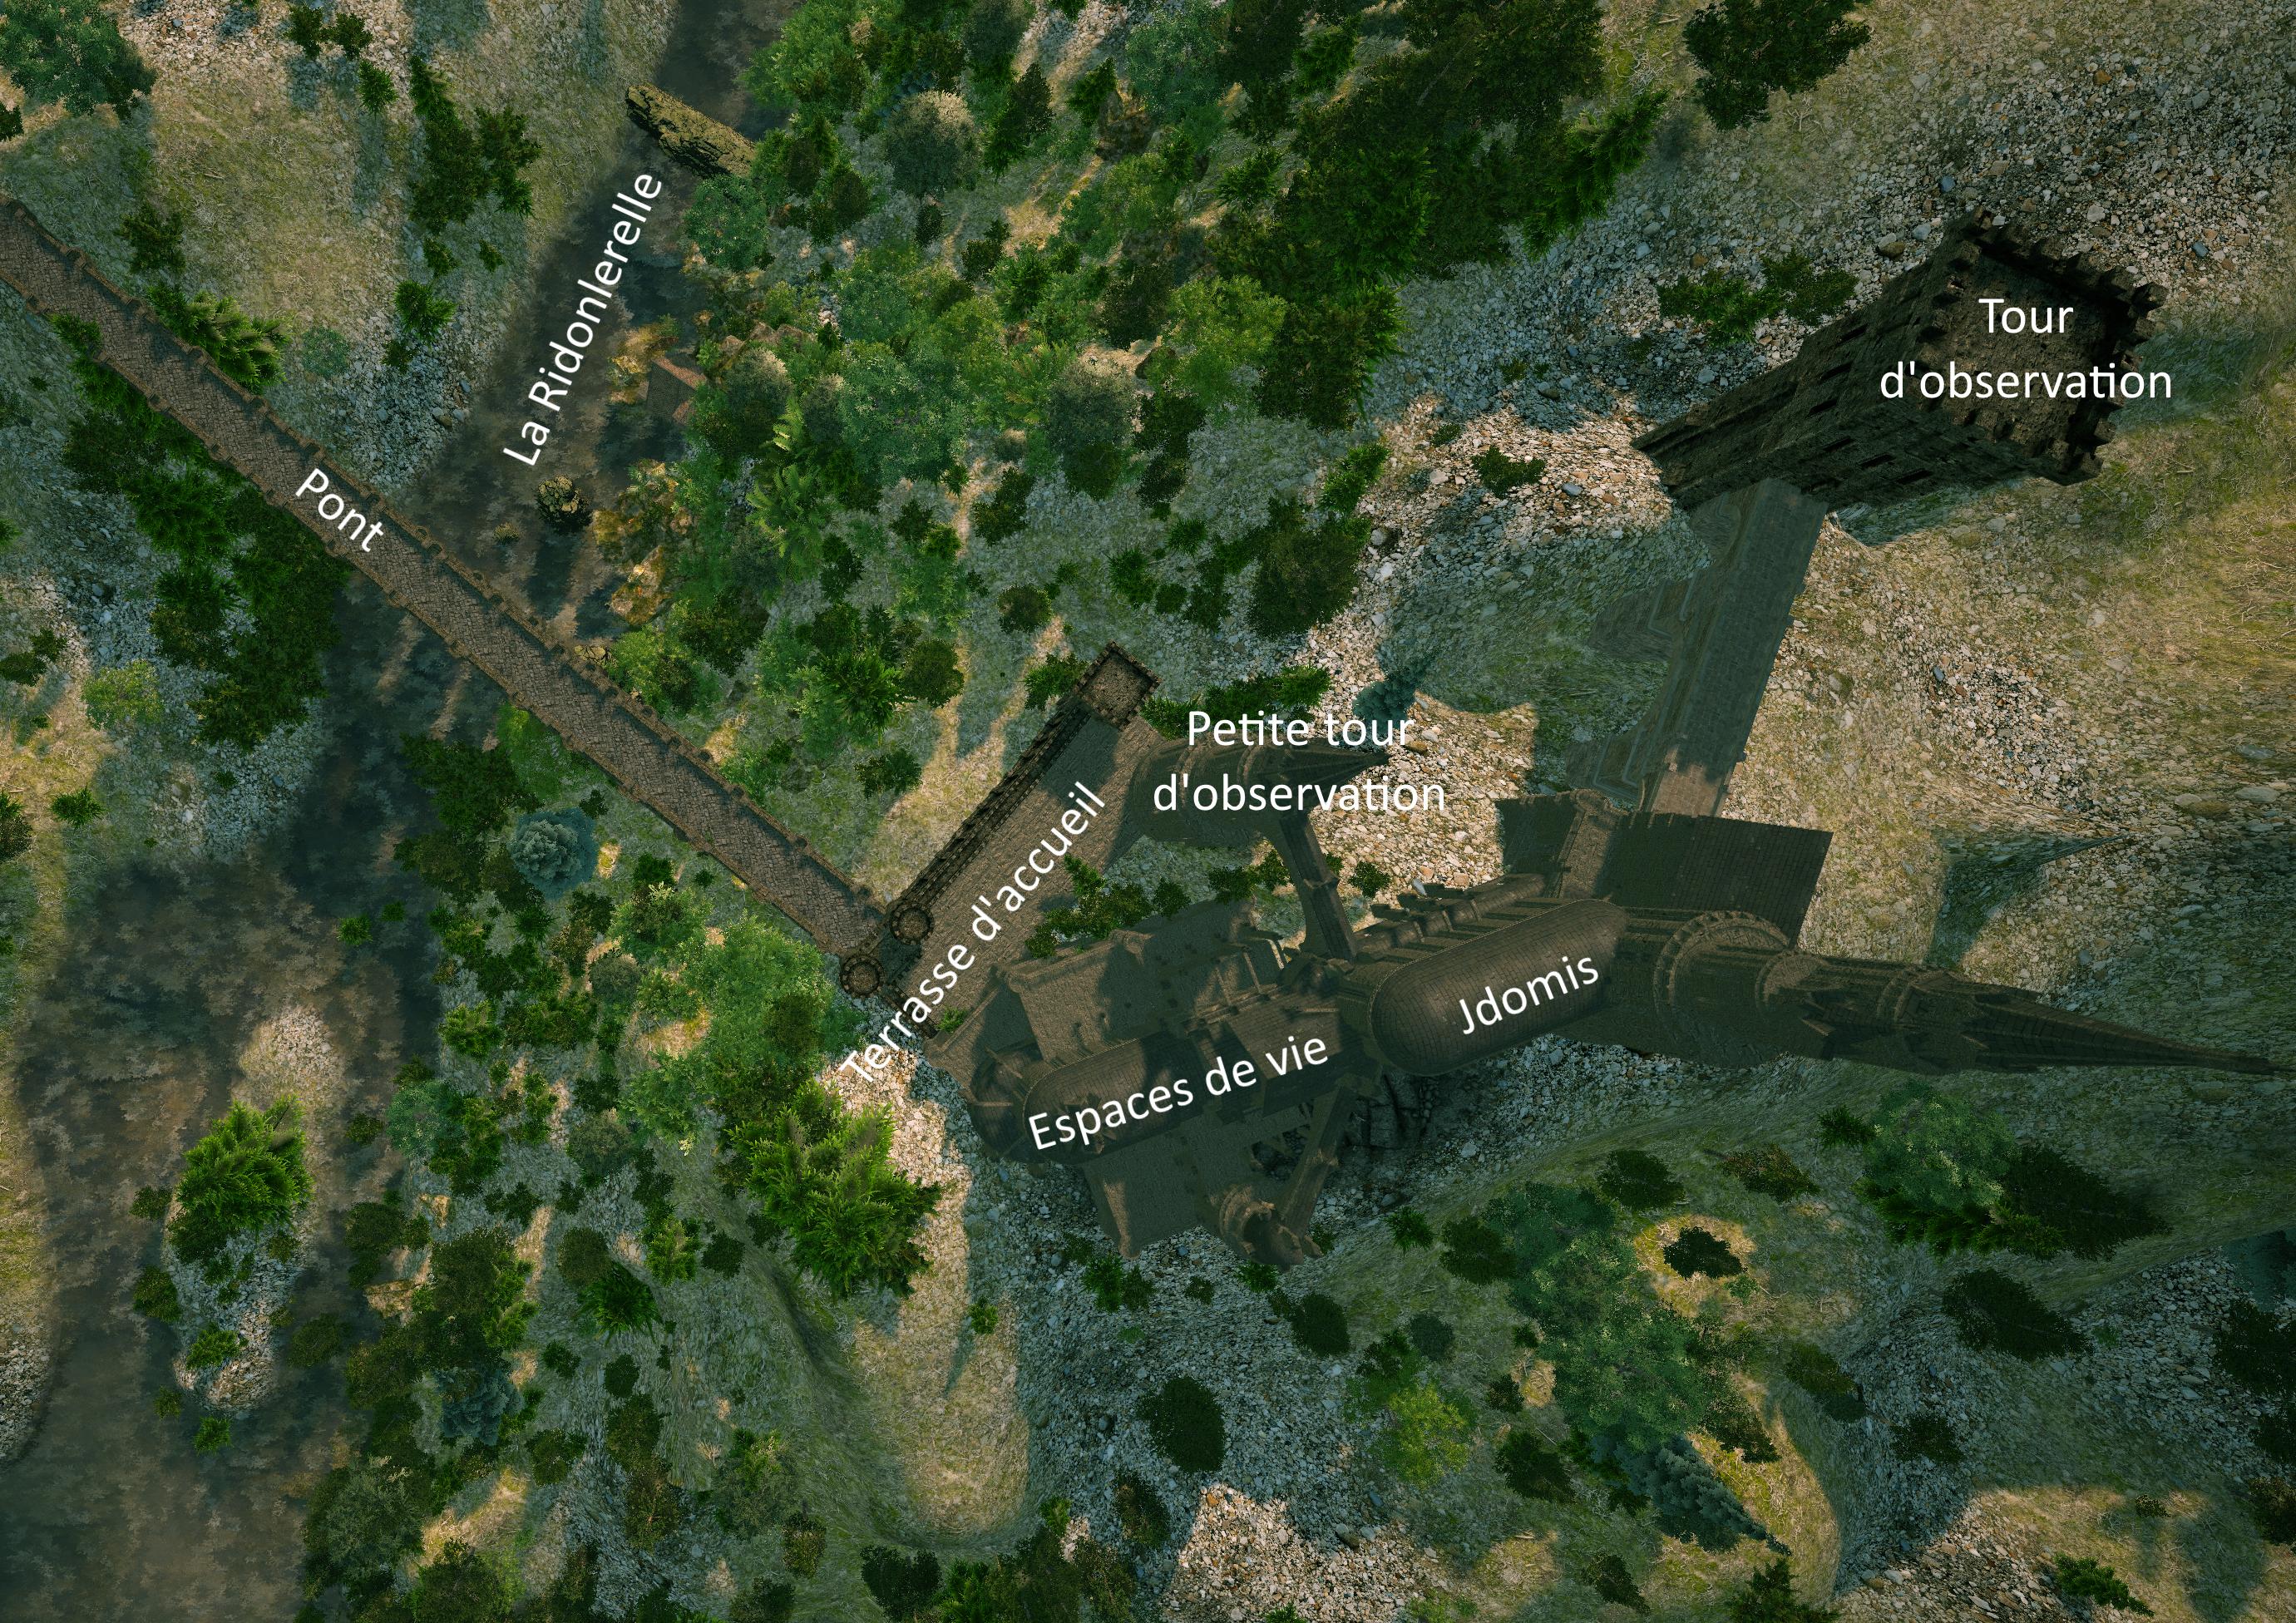 [Mandelsy] Villes et paysages  : le Jema'Jdom de la confluence - Page 13 JemaJdomConfluence002